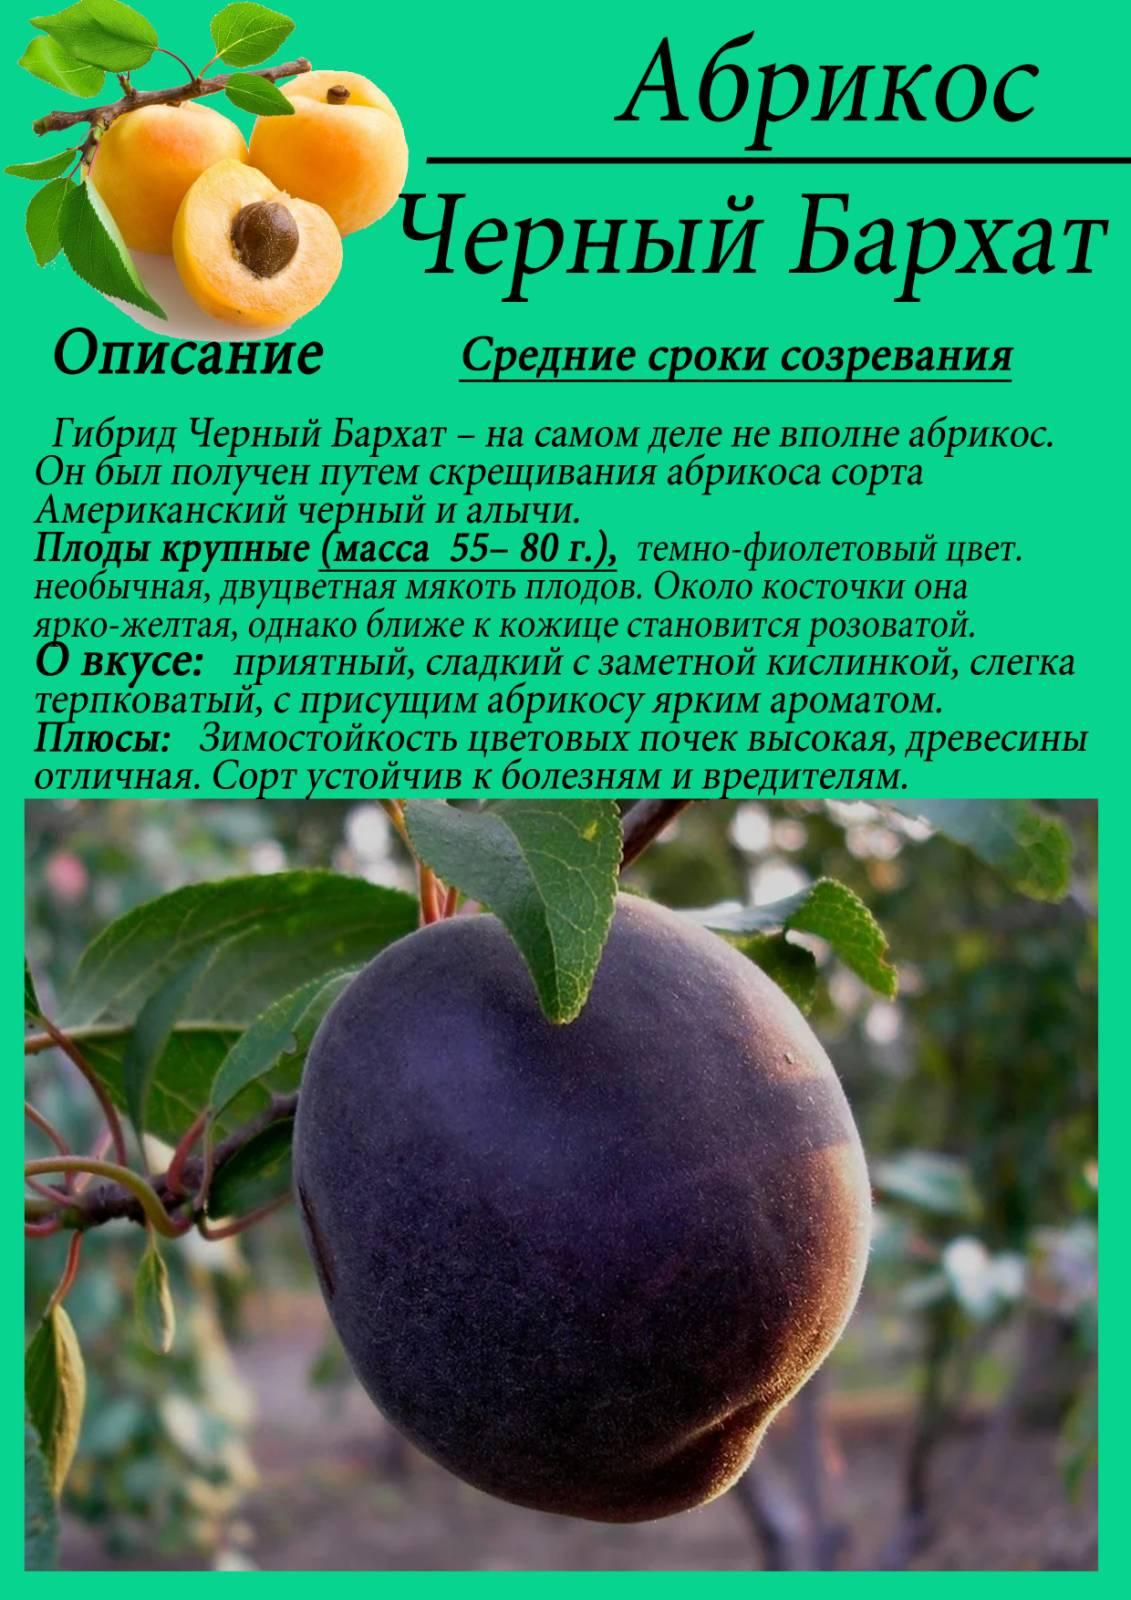 Сорт абрикоса черный бархат, описание, характеристика и отзывы